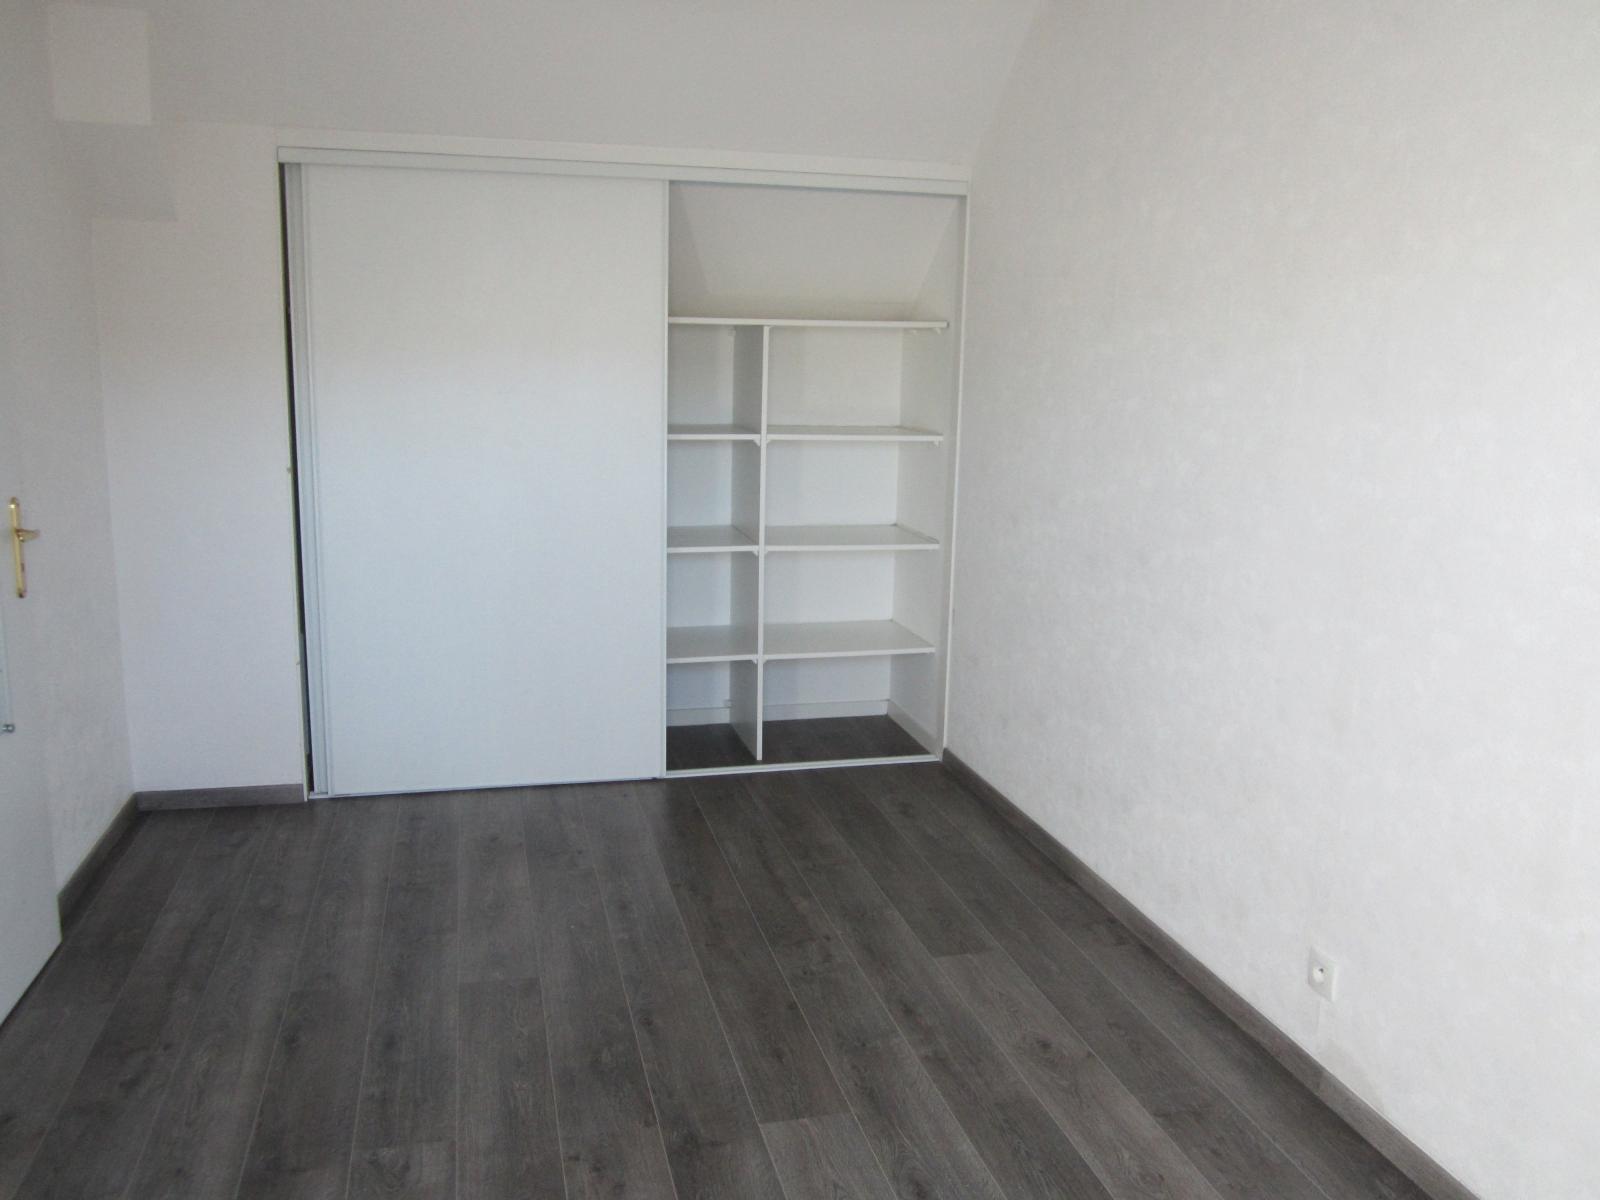 EXCLUSIVITE Feigères Appartement T4 dernier étage dans petite résidence... SOUS COMPROMIS